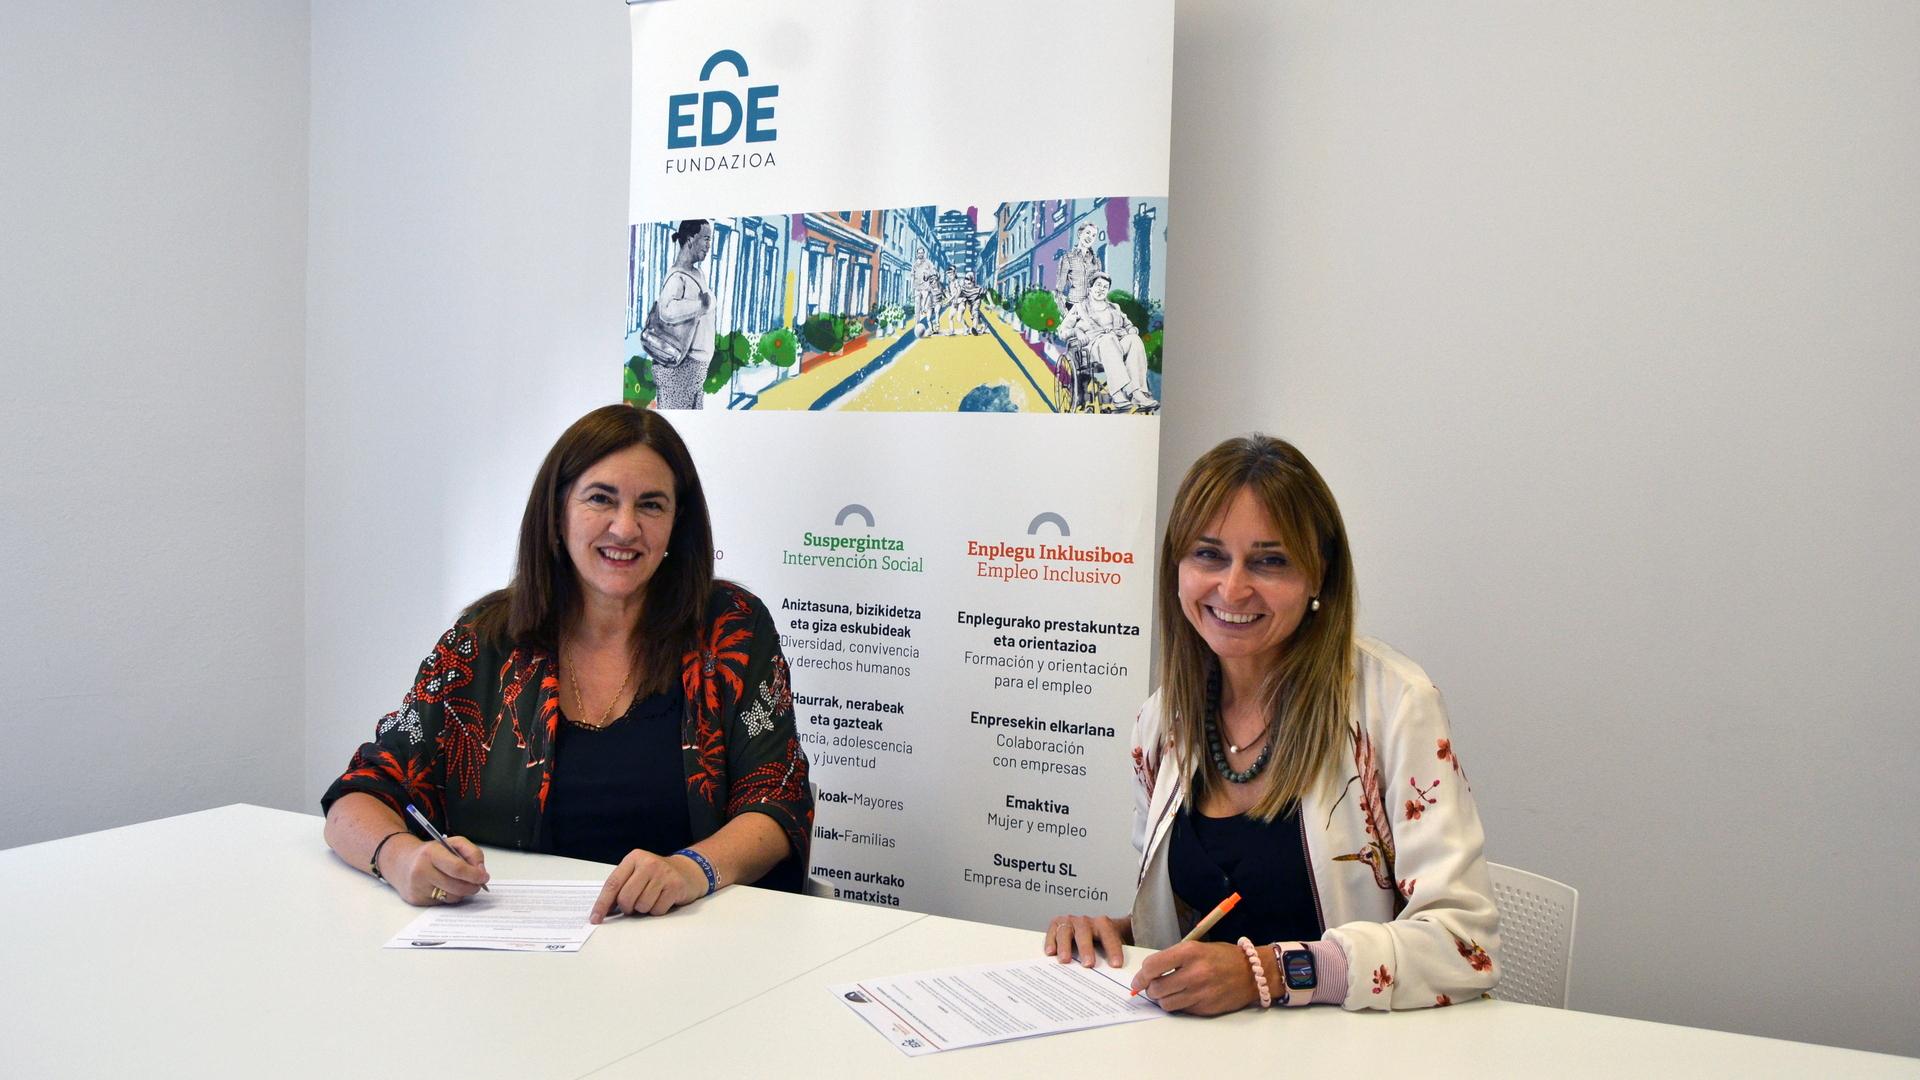 EDE Fundazioa e ImanCorp Foundation colaboran por la integración social y la igualdad